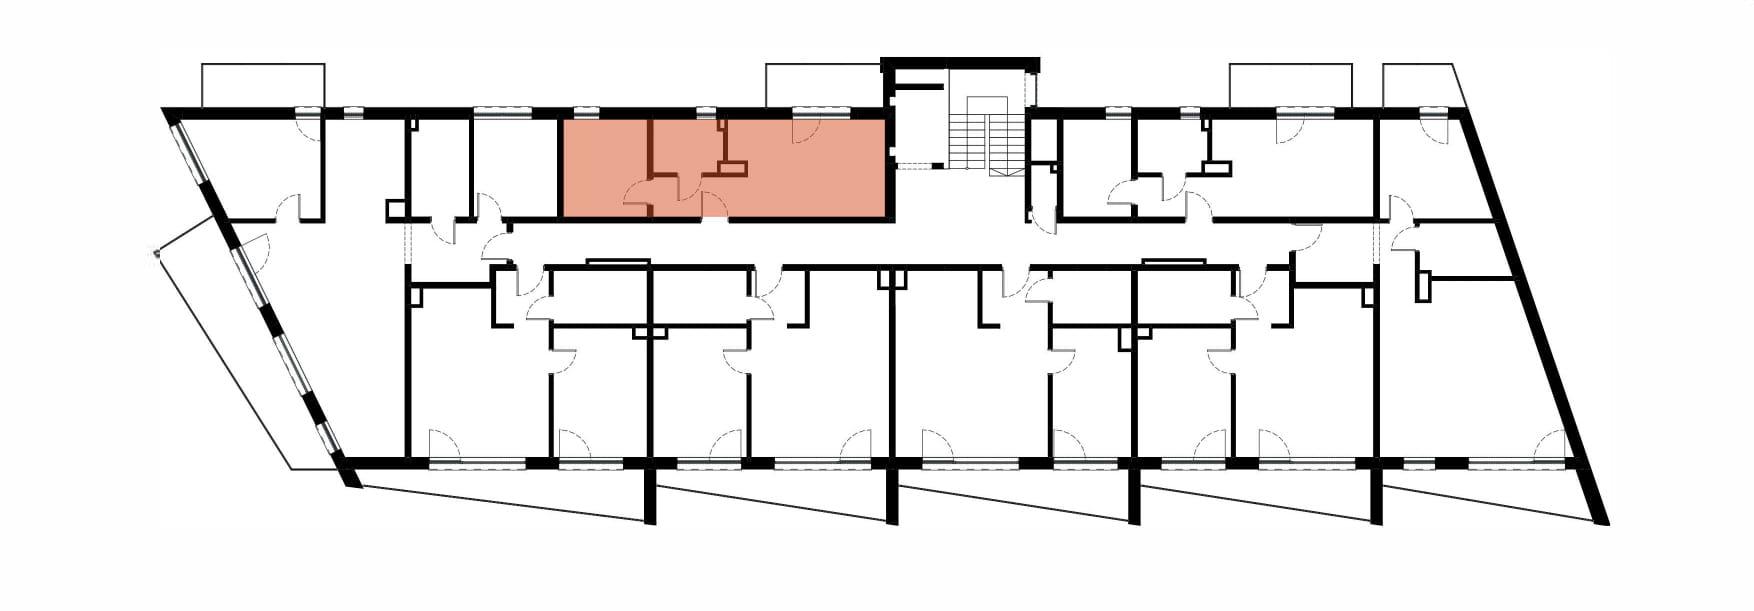 Apartamenty Kamienna / apartamenty inwestycyjne M31 rzut 2